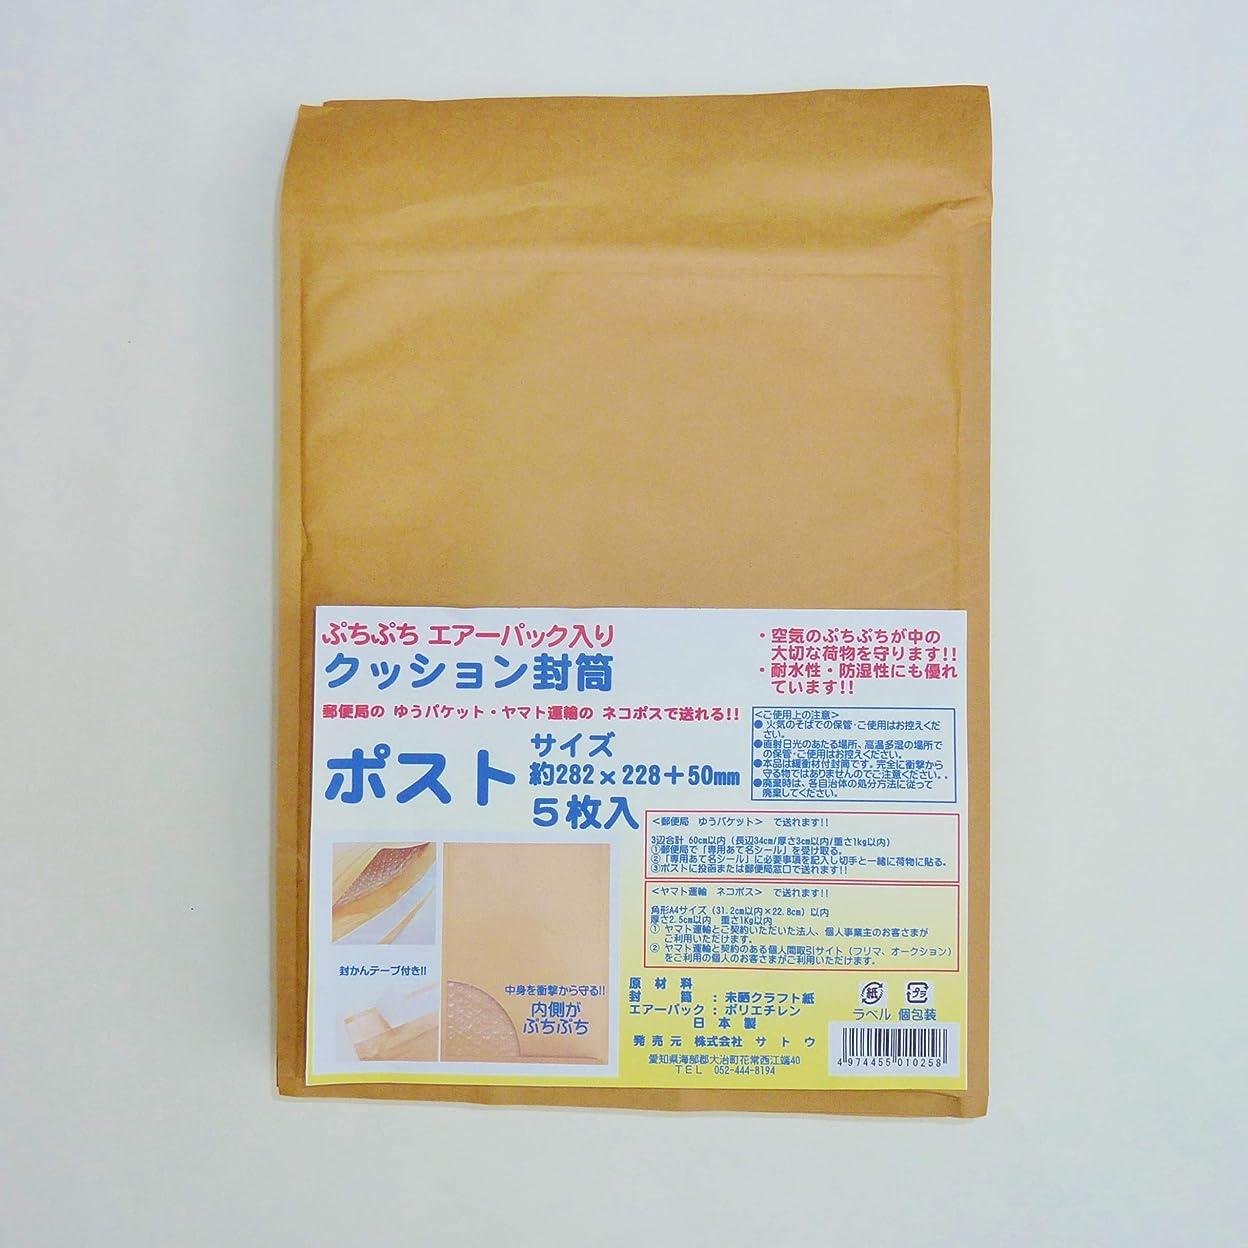 特別なコーラス抱擁クッション封筒 ポストサイズ 茶 28x23cm ぷちぷちエアーパック入り 5枚入